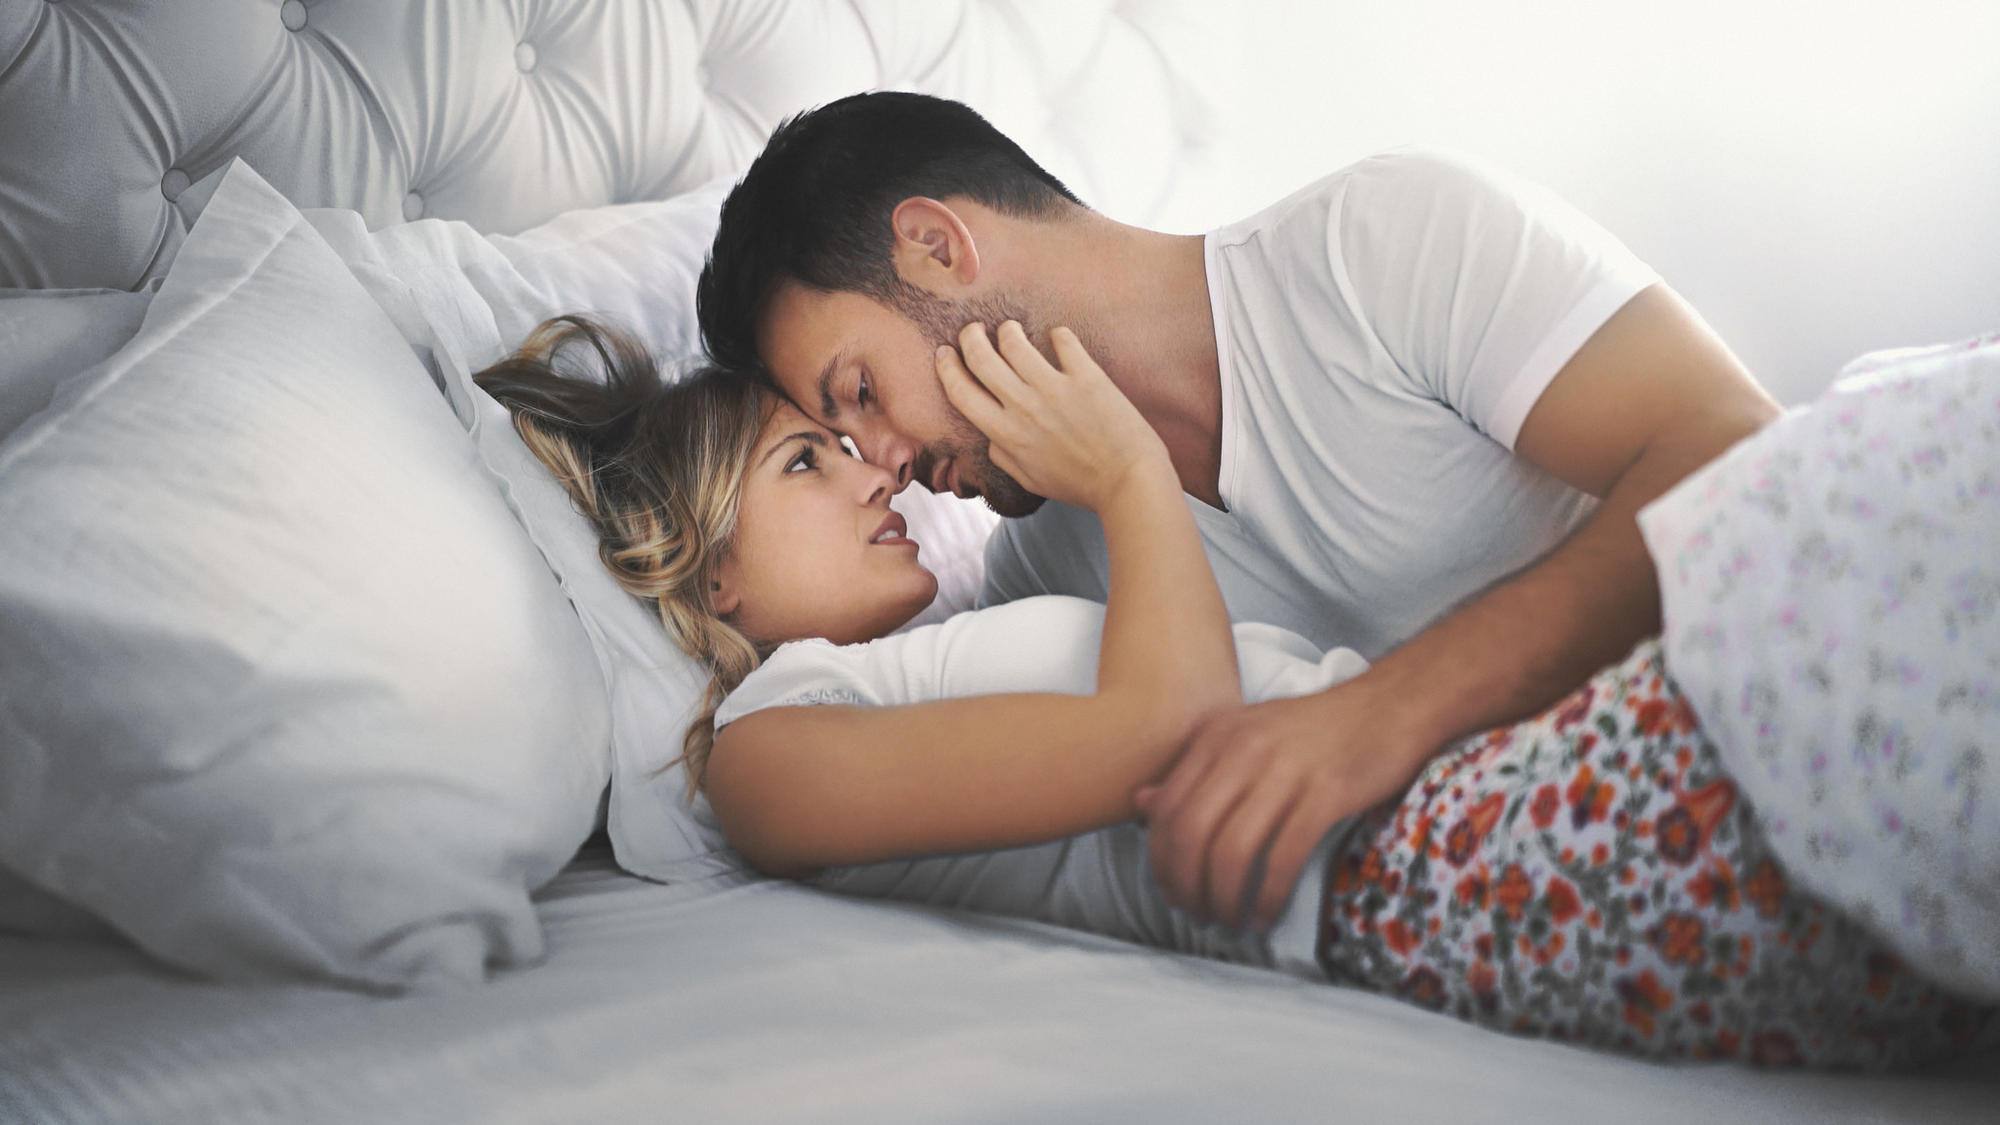 ciekawy seks sposoby na nudę w sypialni